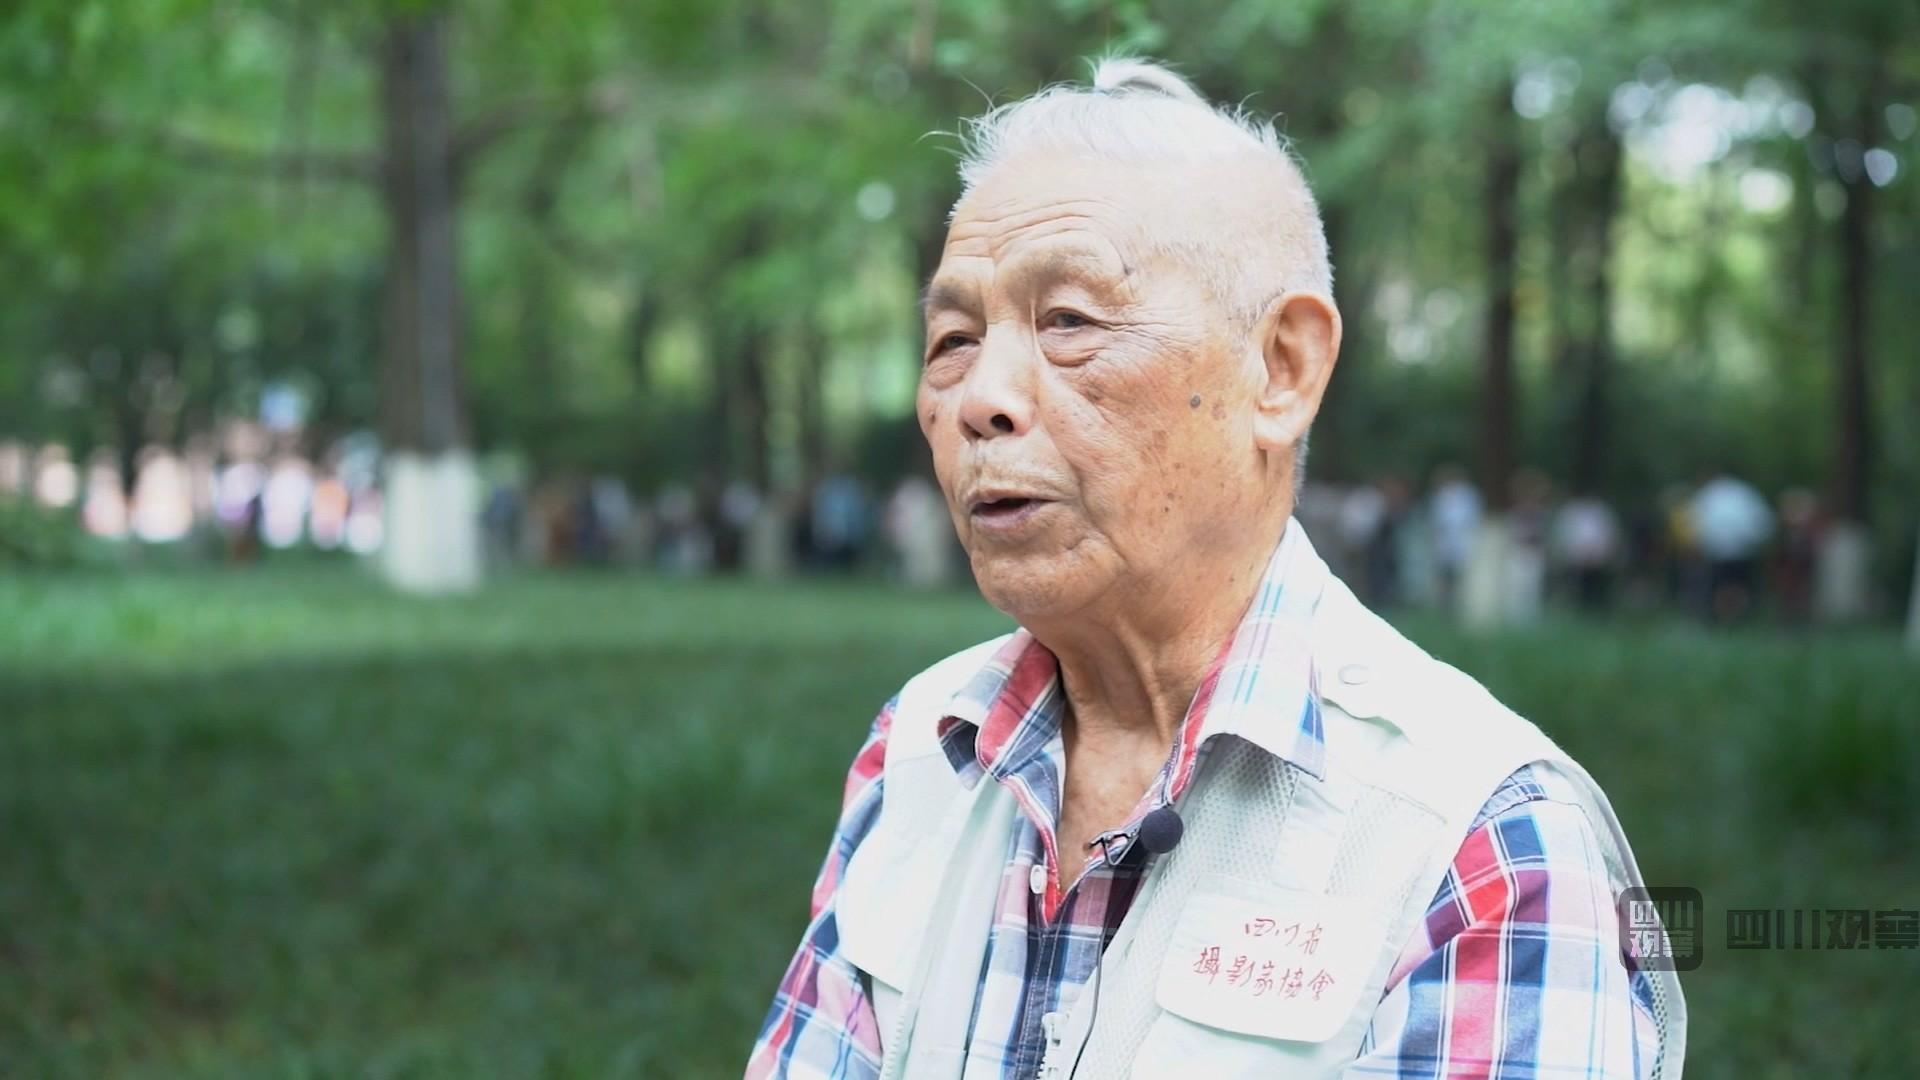 北京爱情故事电影在线观看完整版,北京爱情故事电影免费观看手机版  第2张